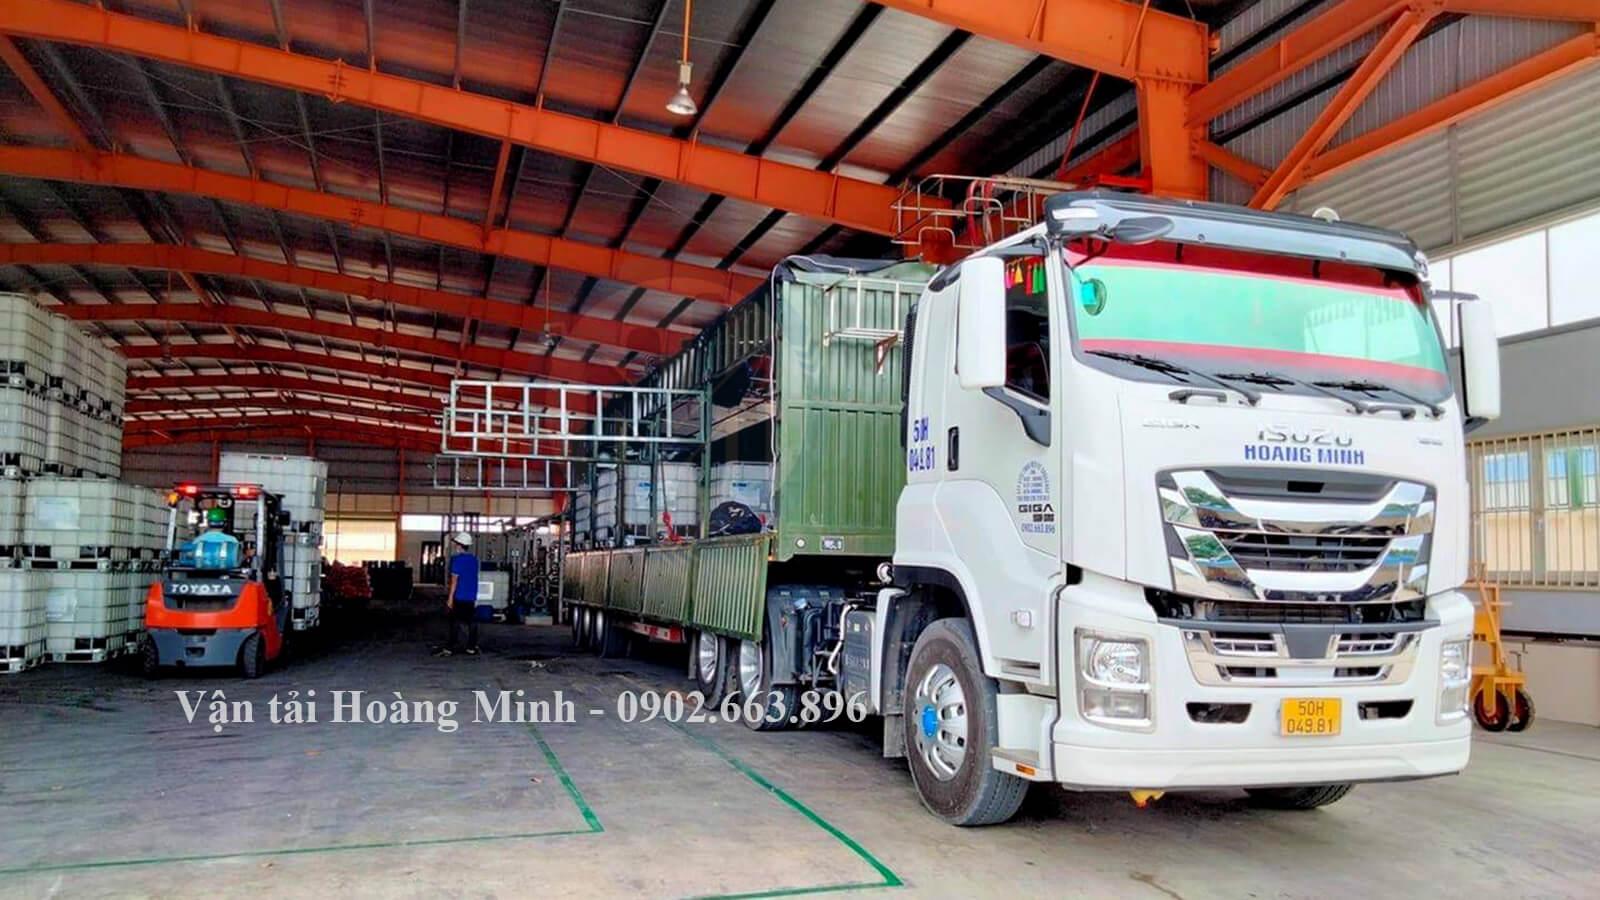 Kích thước thùng các loại xe của Vận tải Hoàng Minh